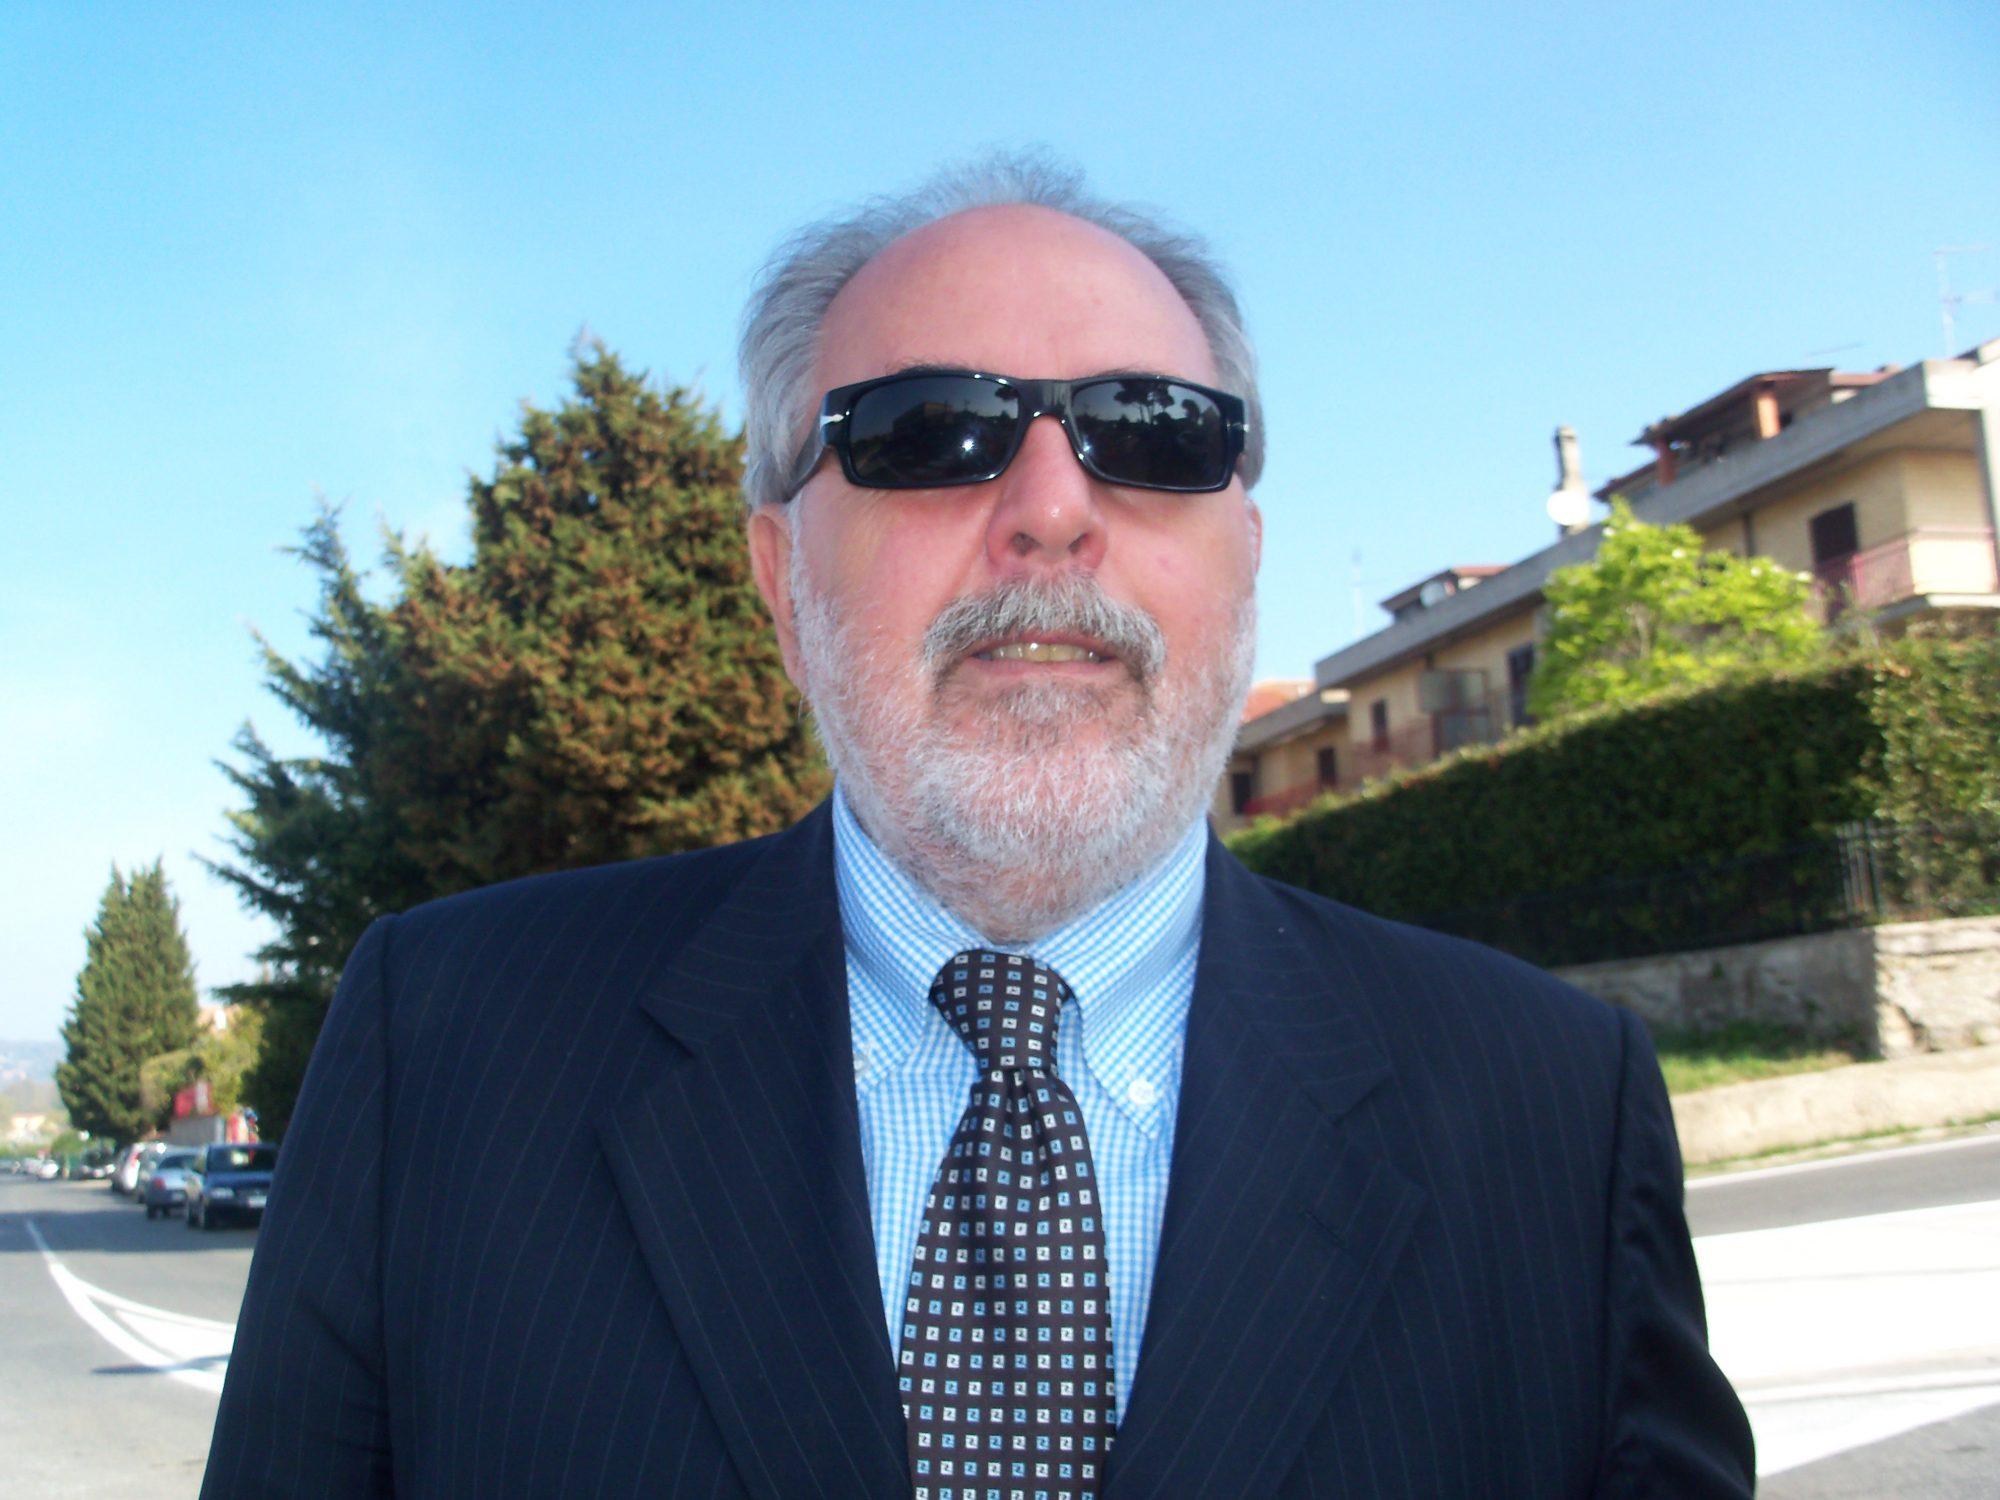 Bracciano: Archiviata l'indagine per associazione a delinquere che aveva portato alle dimissioni della Giunta di Giuliano Sala